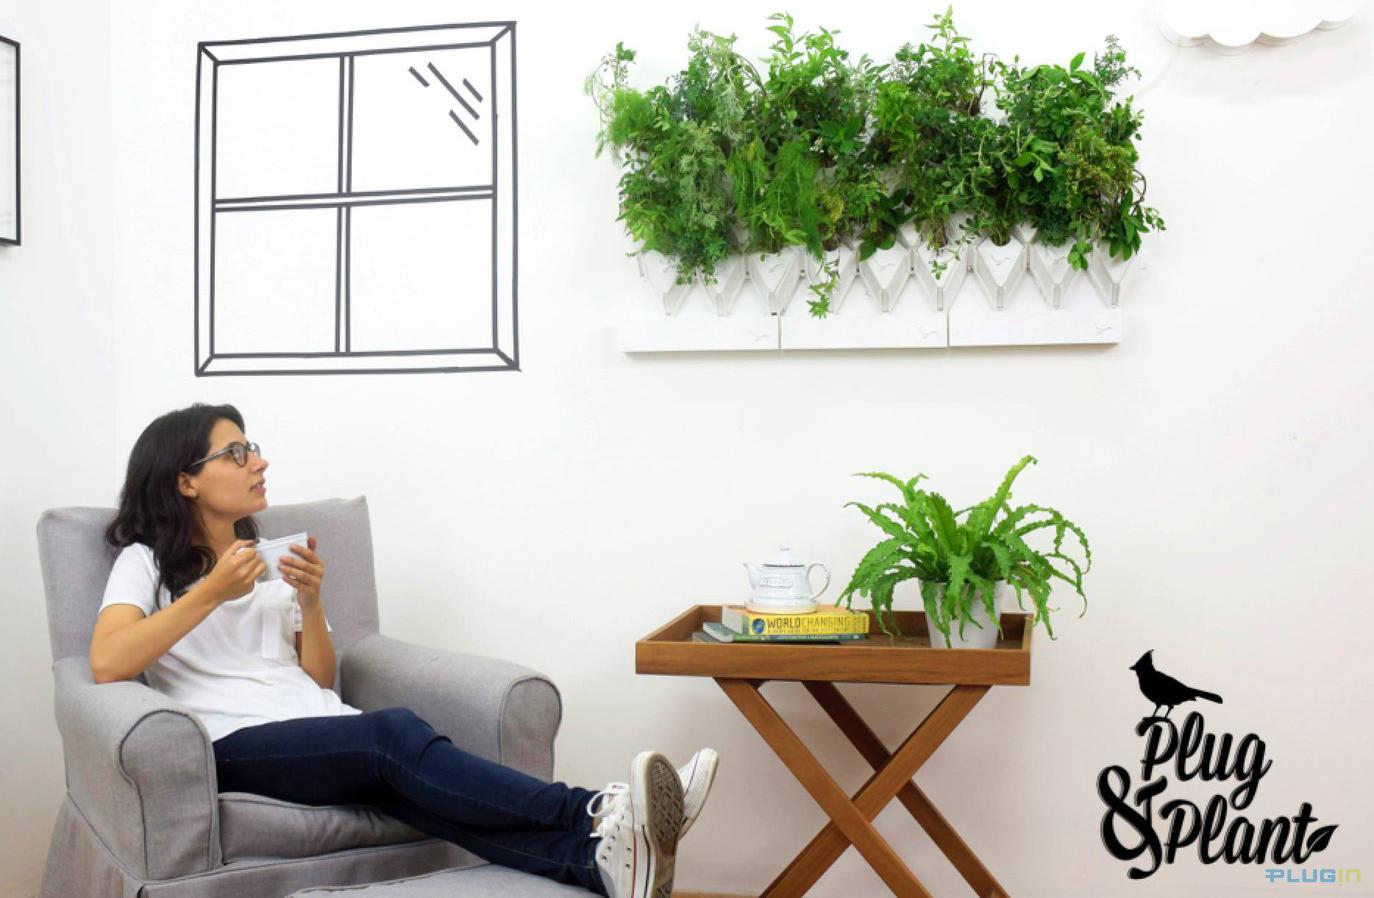 Sistema modular transforma qualquer parede em horta inteligente